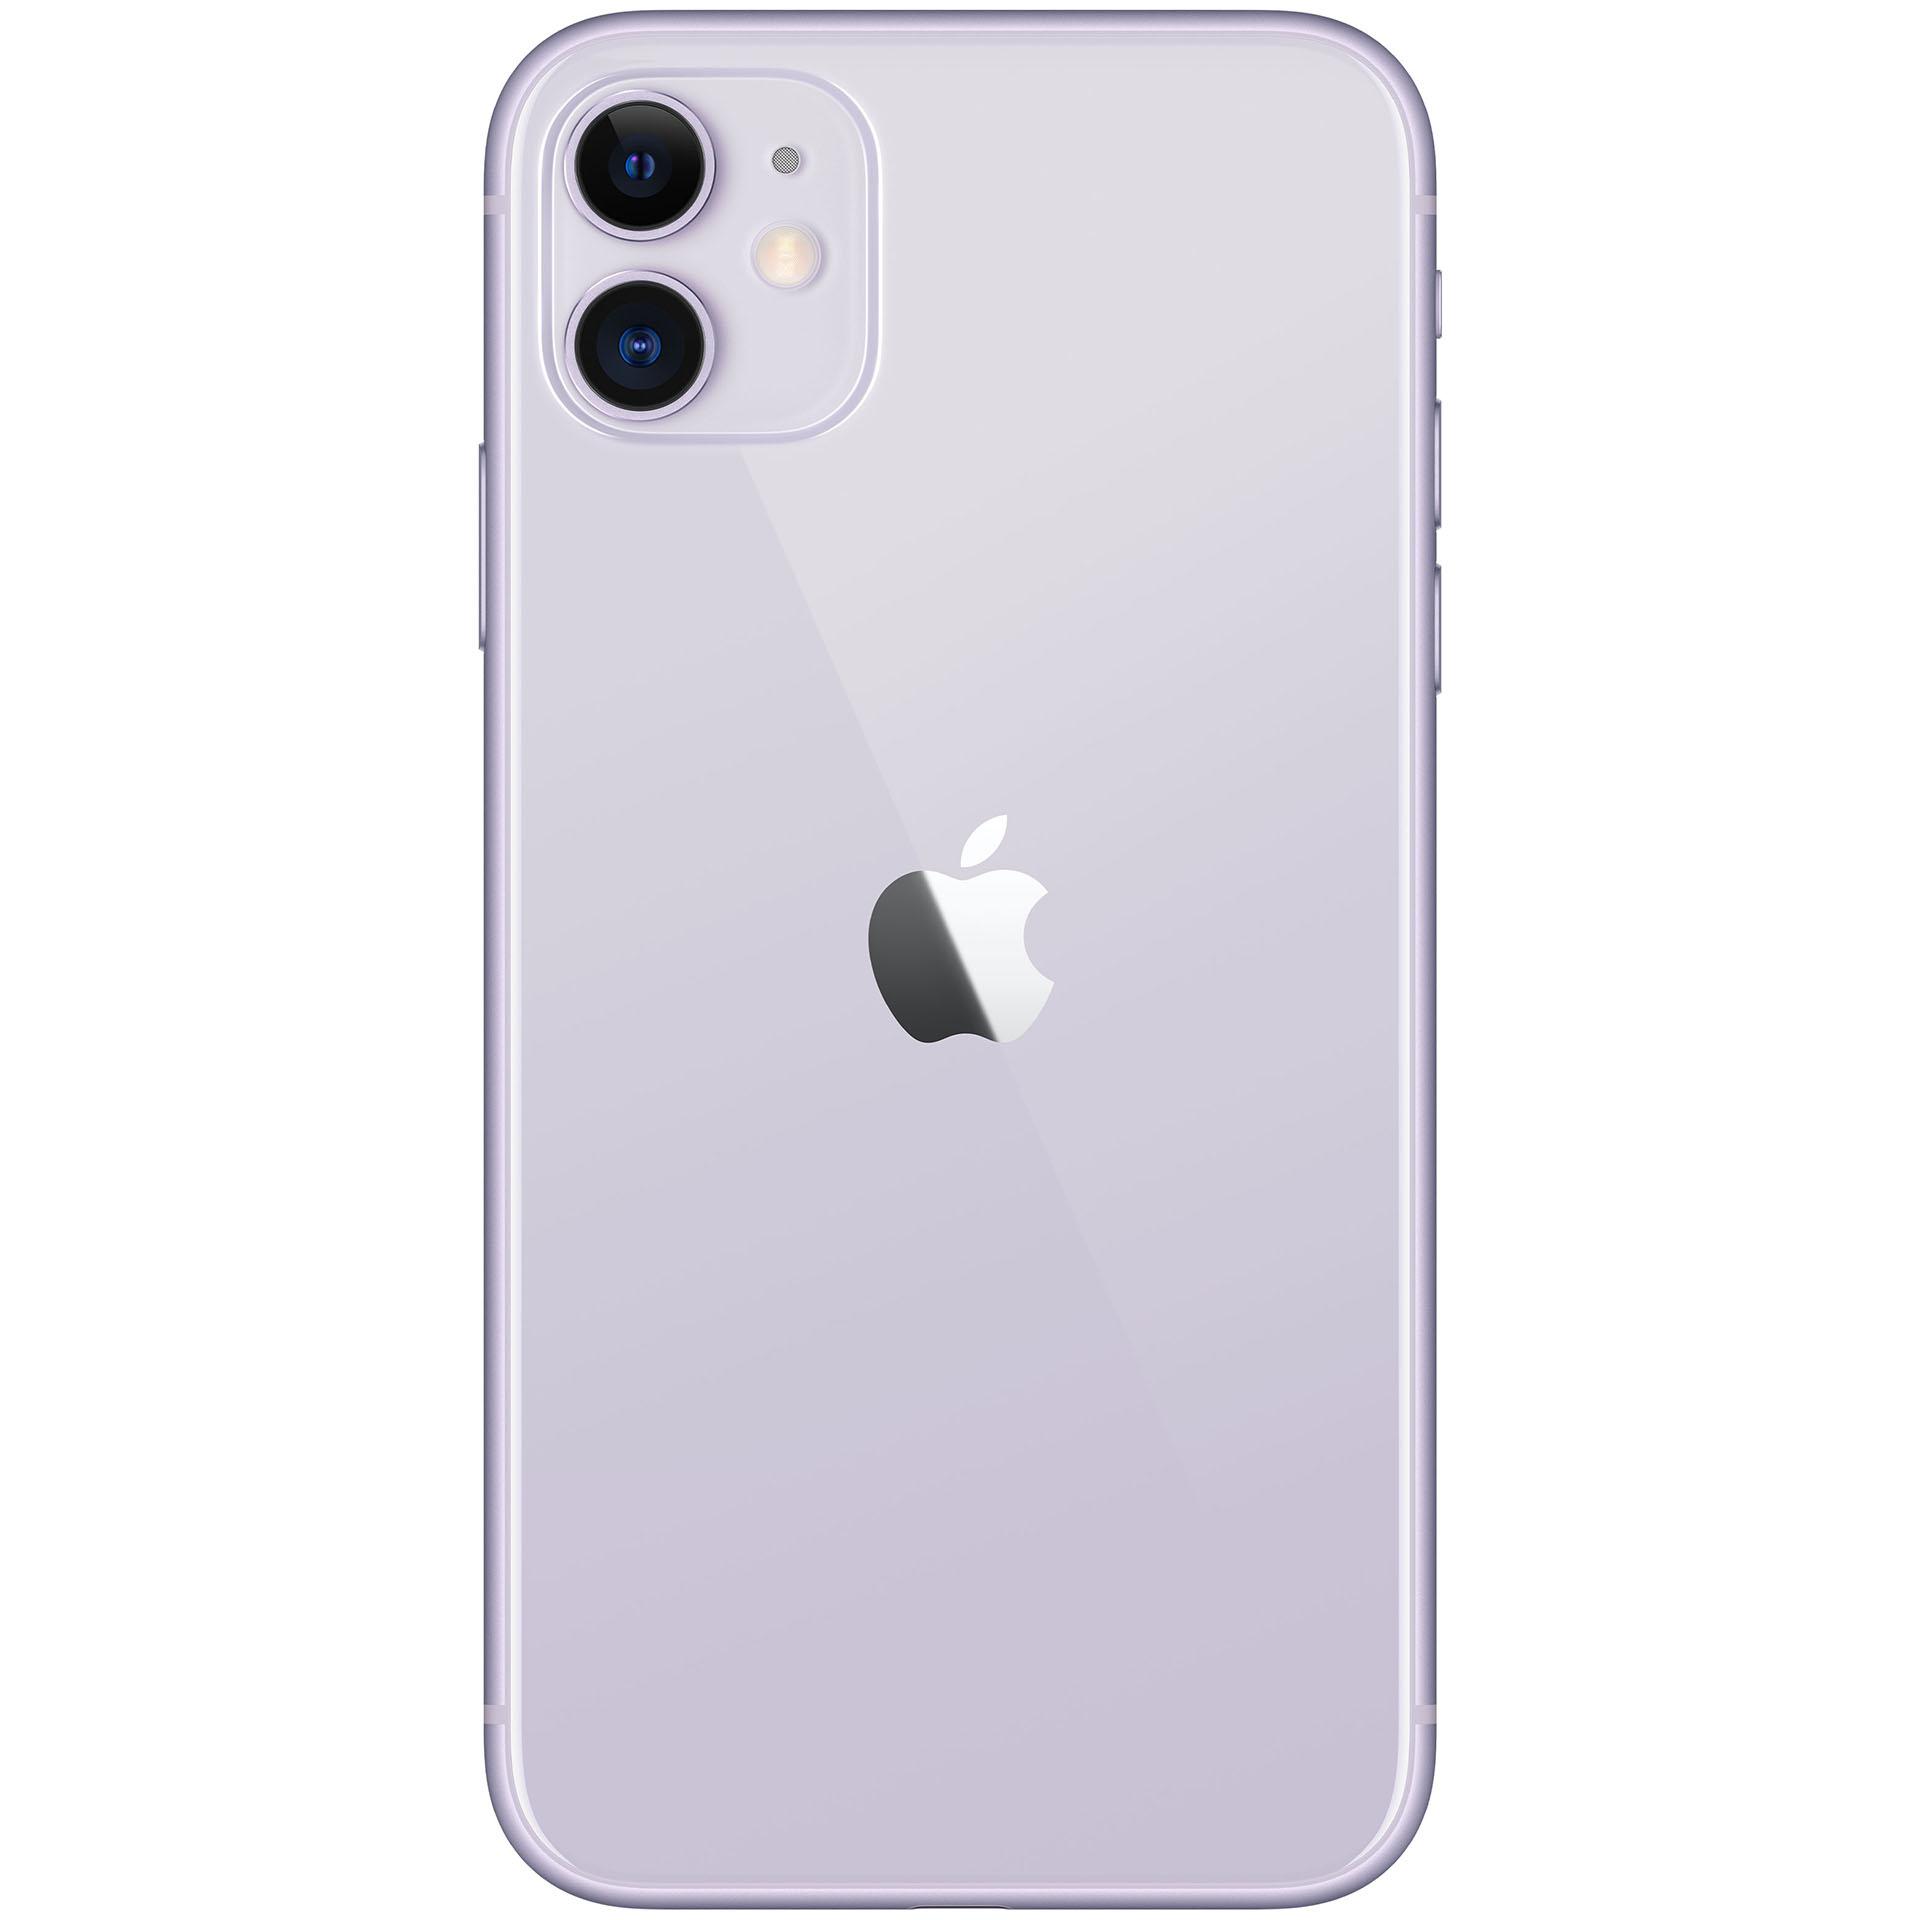 mobiiltelefon Apple iPhone 11 64 GB (lilla)